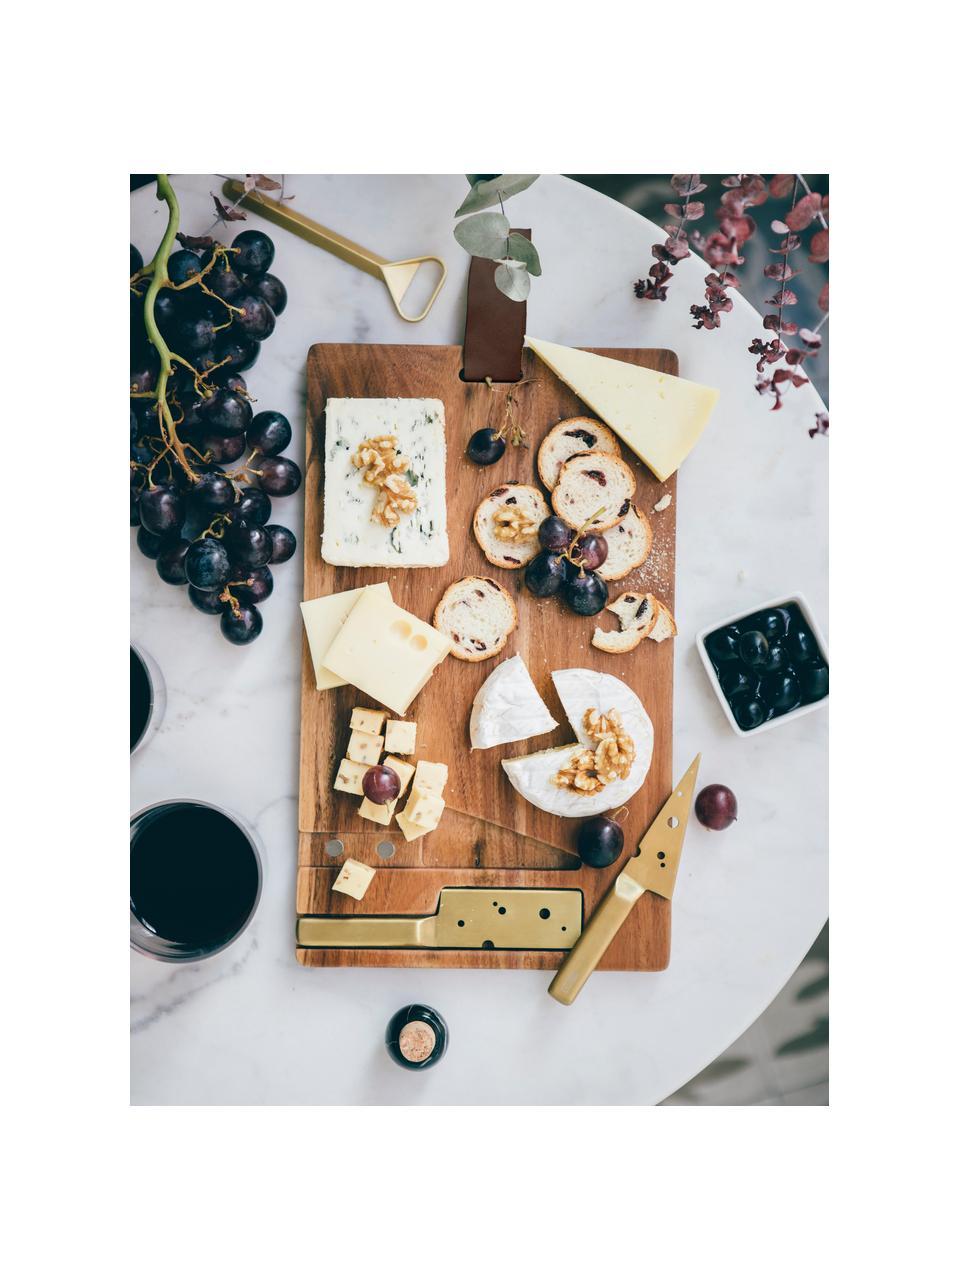 Käse-Schneidebrett King mit Käsemesser L 37 x B 23 cm, 3-tlg., Messer: Edelstahl, beschichtet, Servierplatte: AkazienholzAufhängeschlaufe: BraunMesser: Goldfarben, 23 x 37 cm